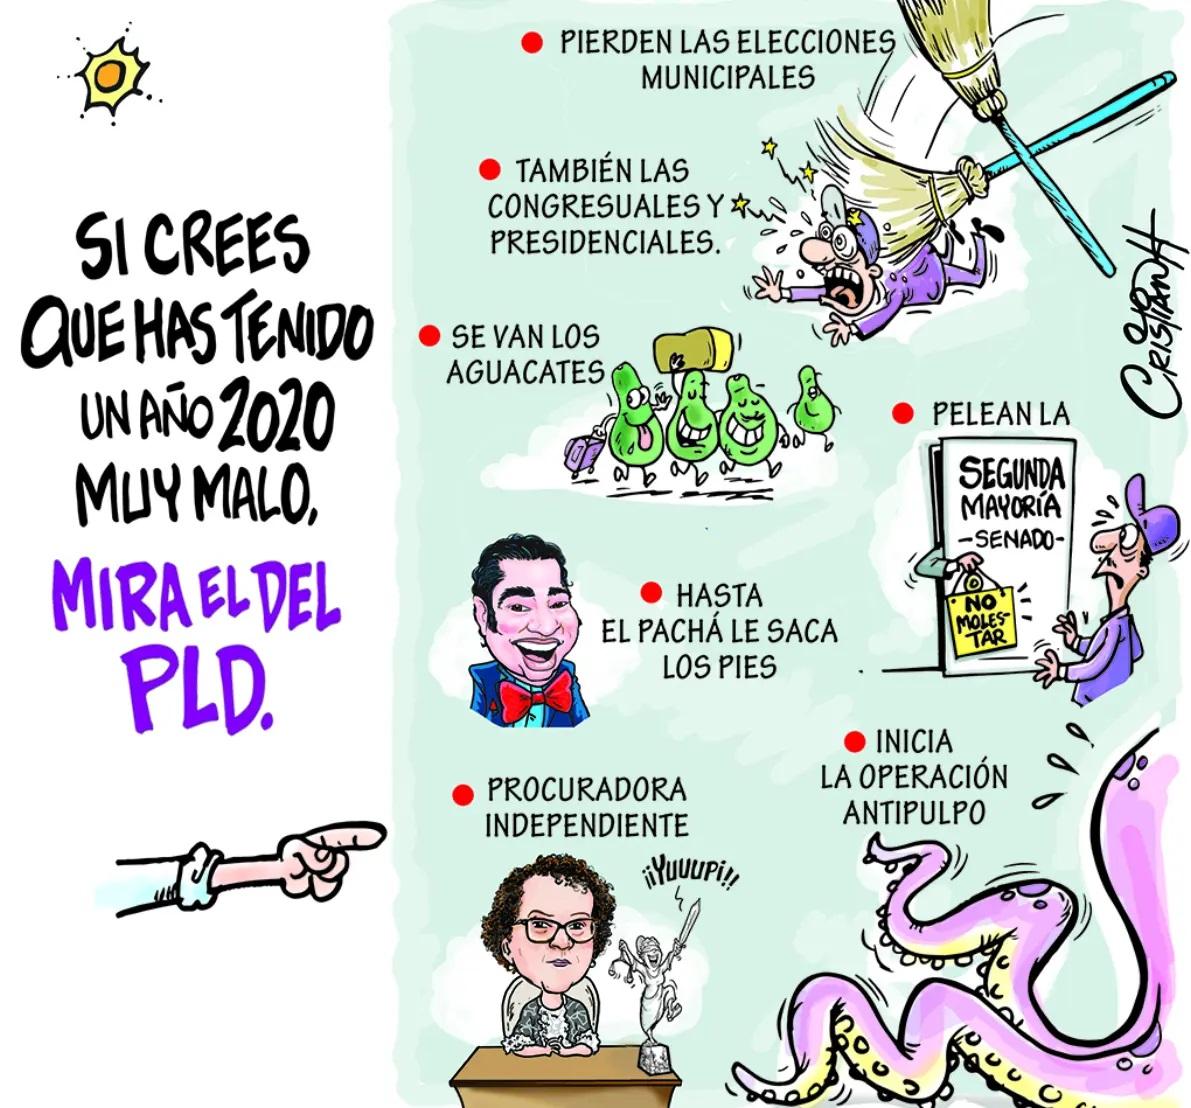 Caricatura Cristian Caricaturas – El Día, 09 de Diciembre, 2020